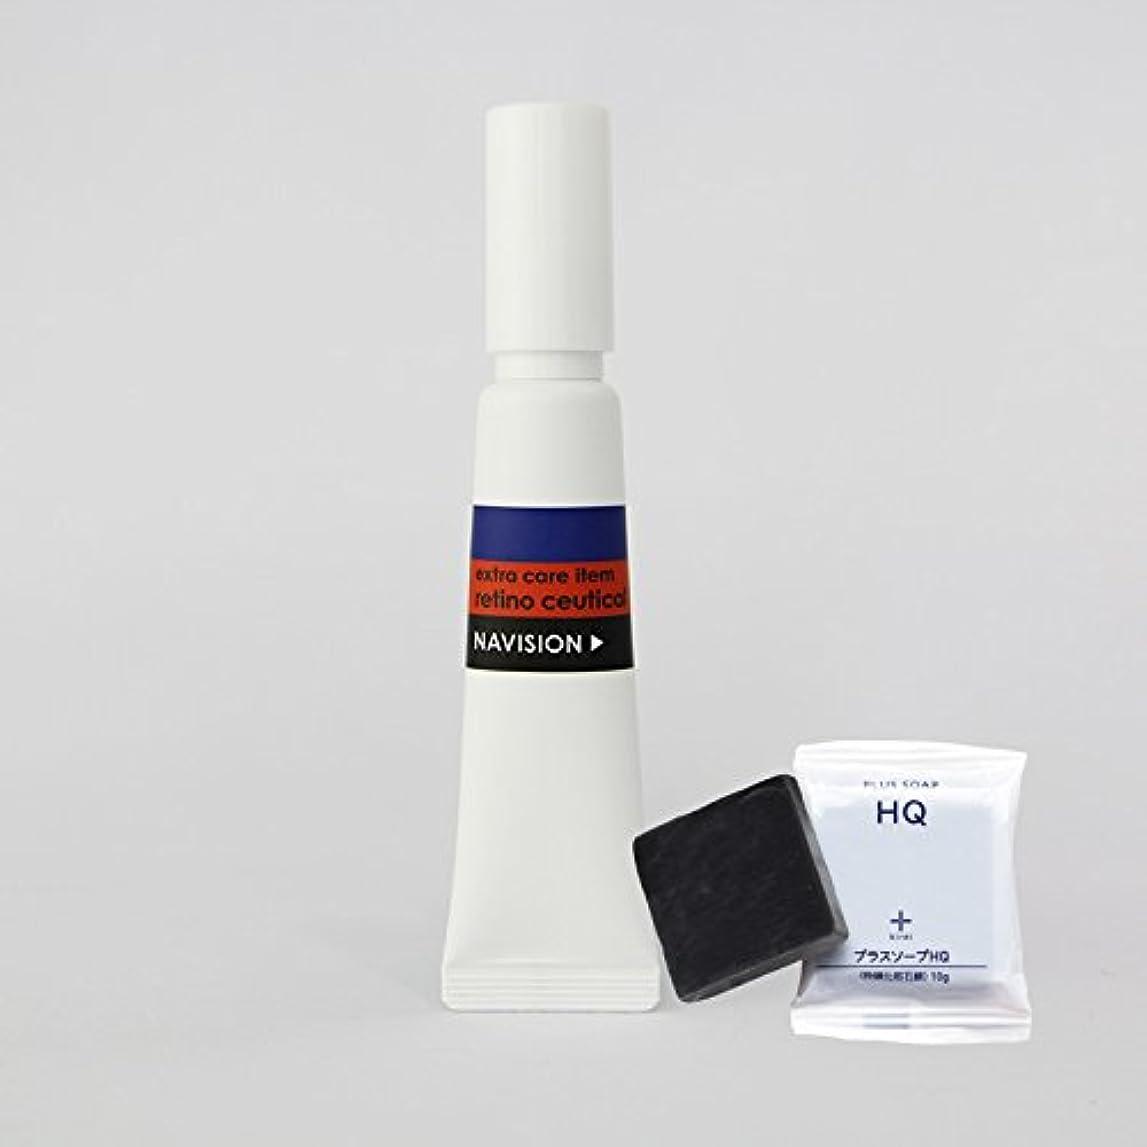 付録パケット形容詞ナビジョン NAVISION レチノシューティカル 15g (医薬部外品) + プラスキレイ プラスソープHQミニ